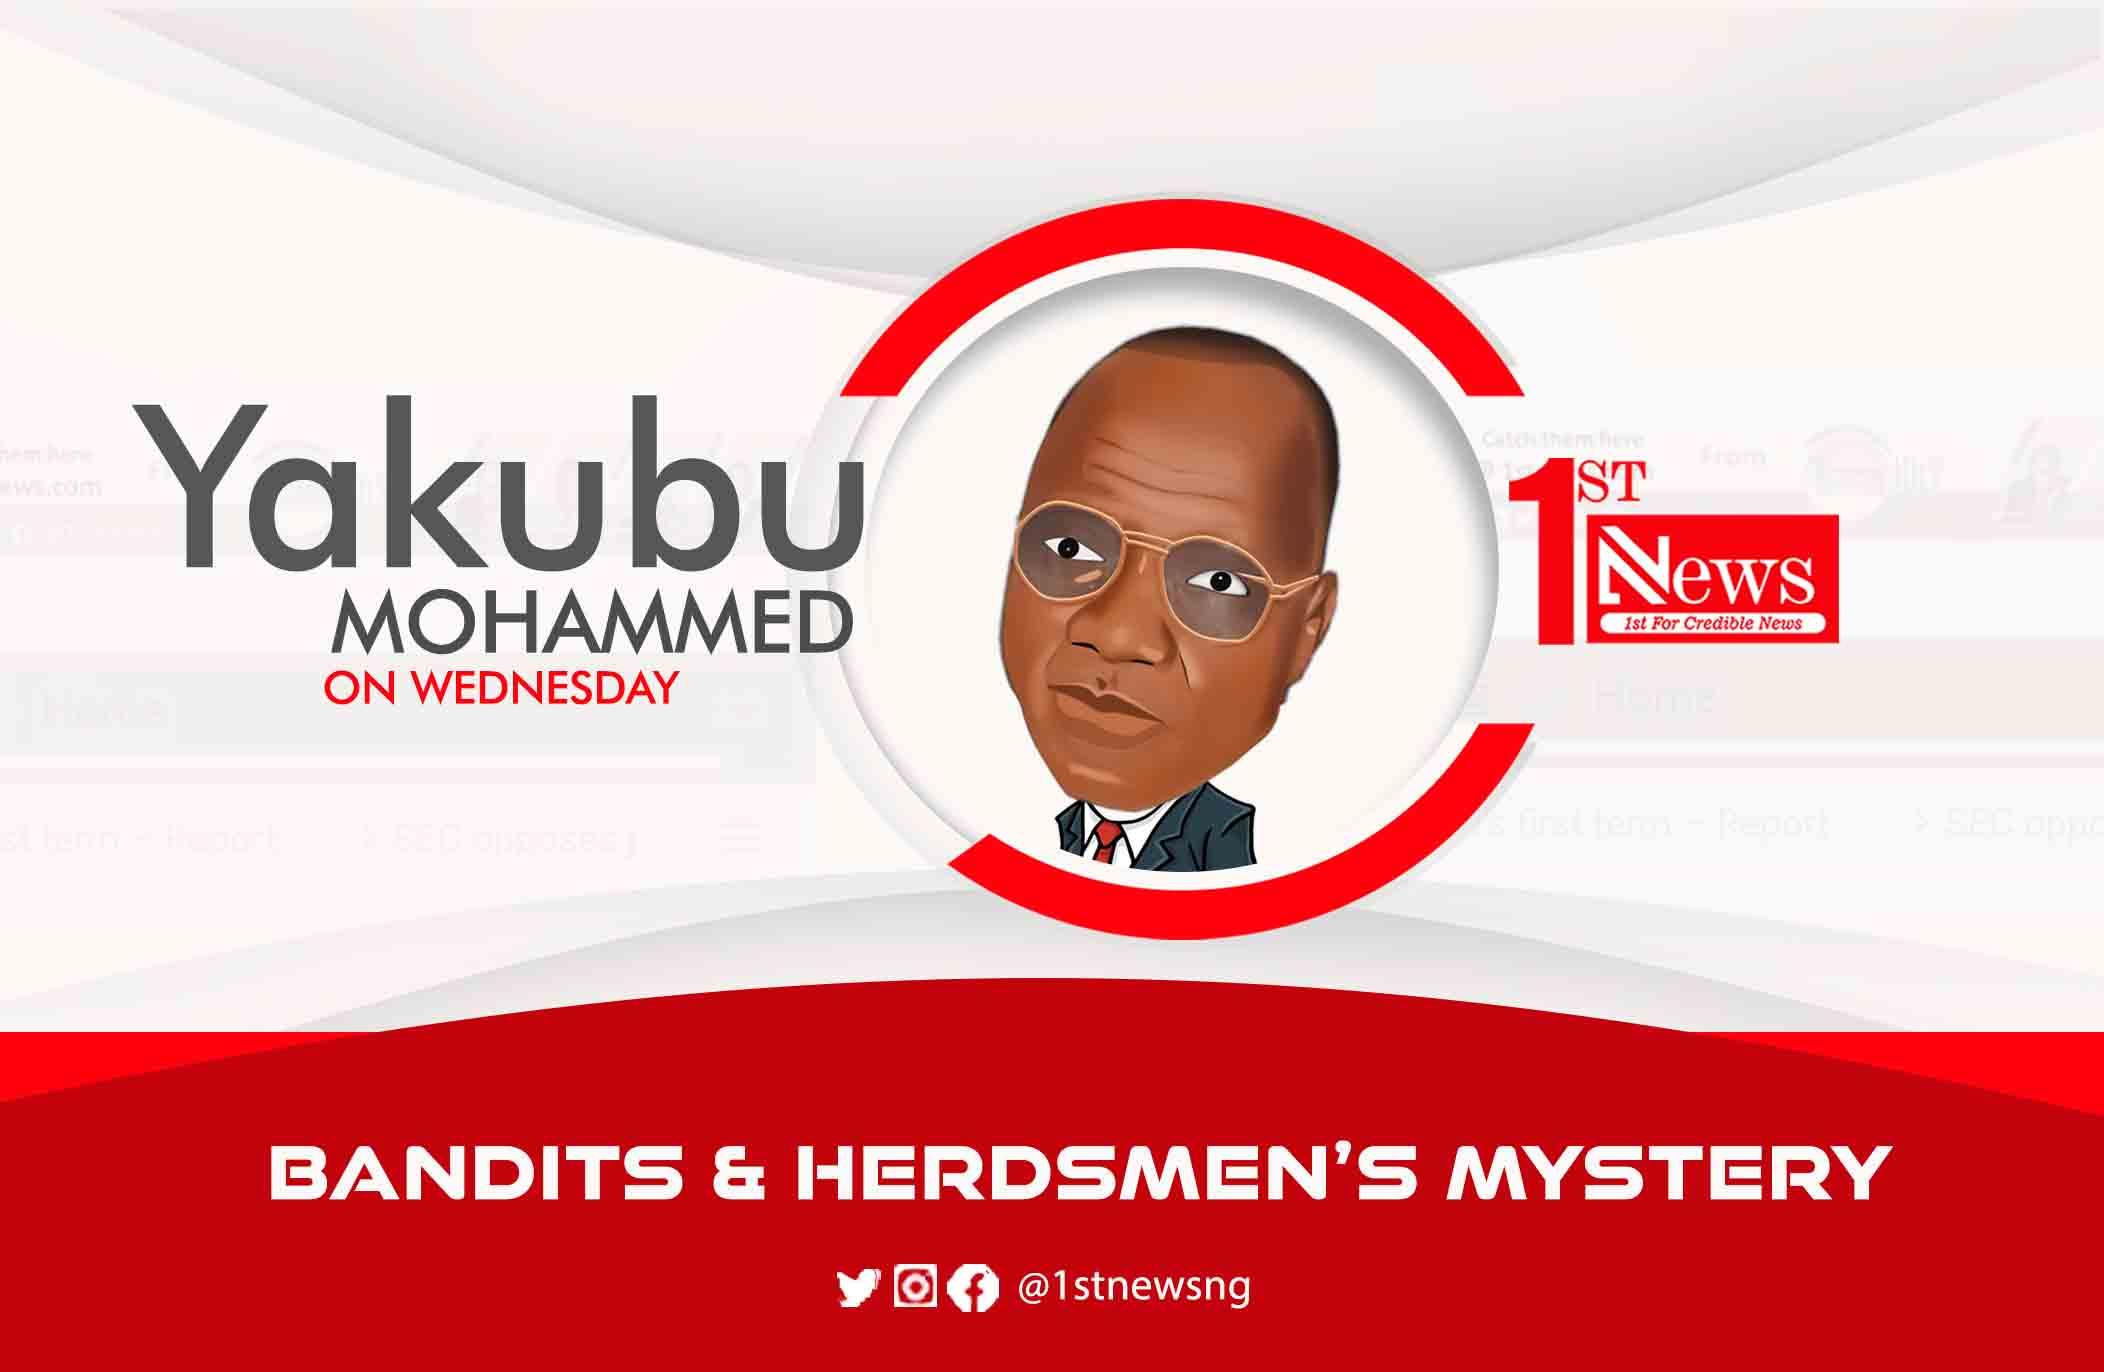 Bandits & herdsmen's mystery – Yakubu Mohammed